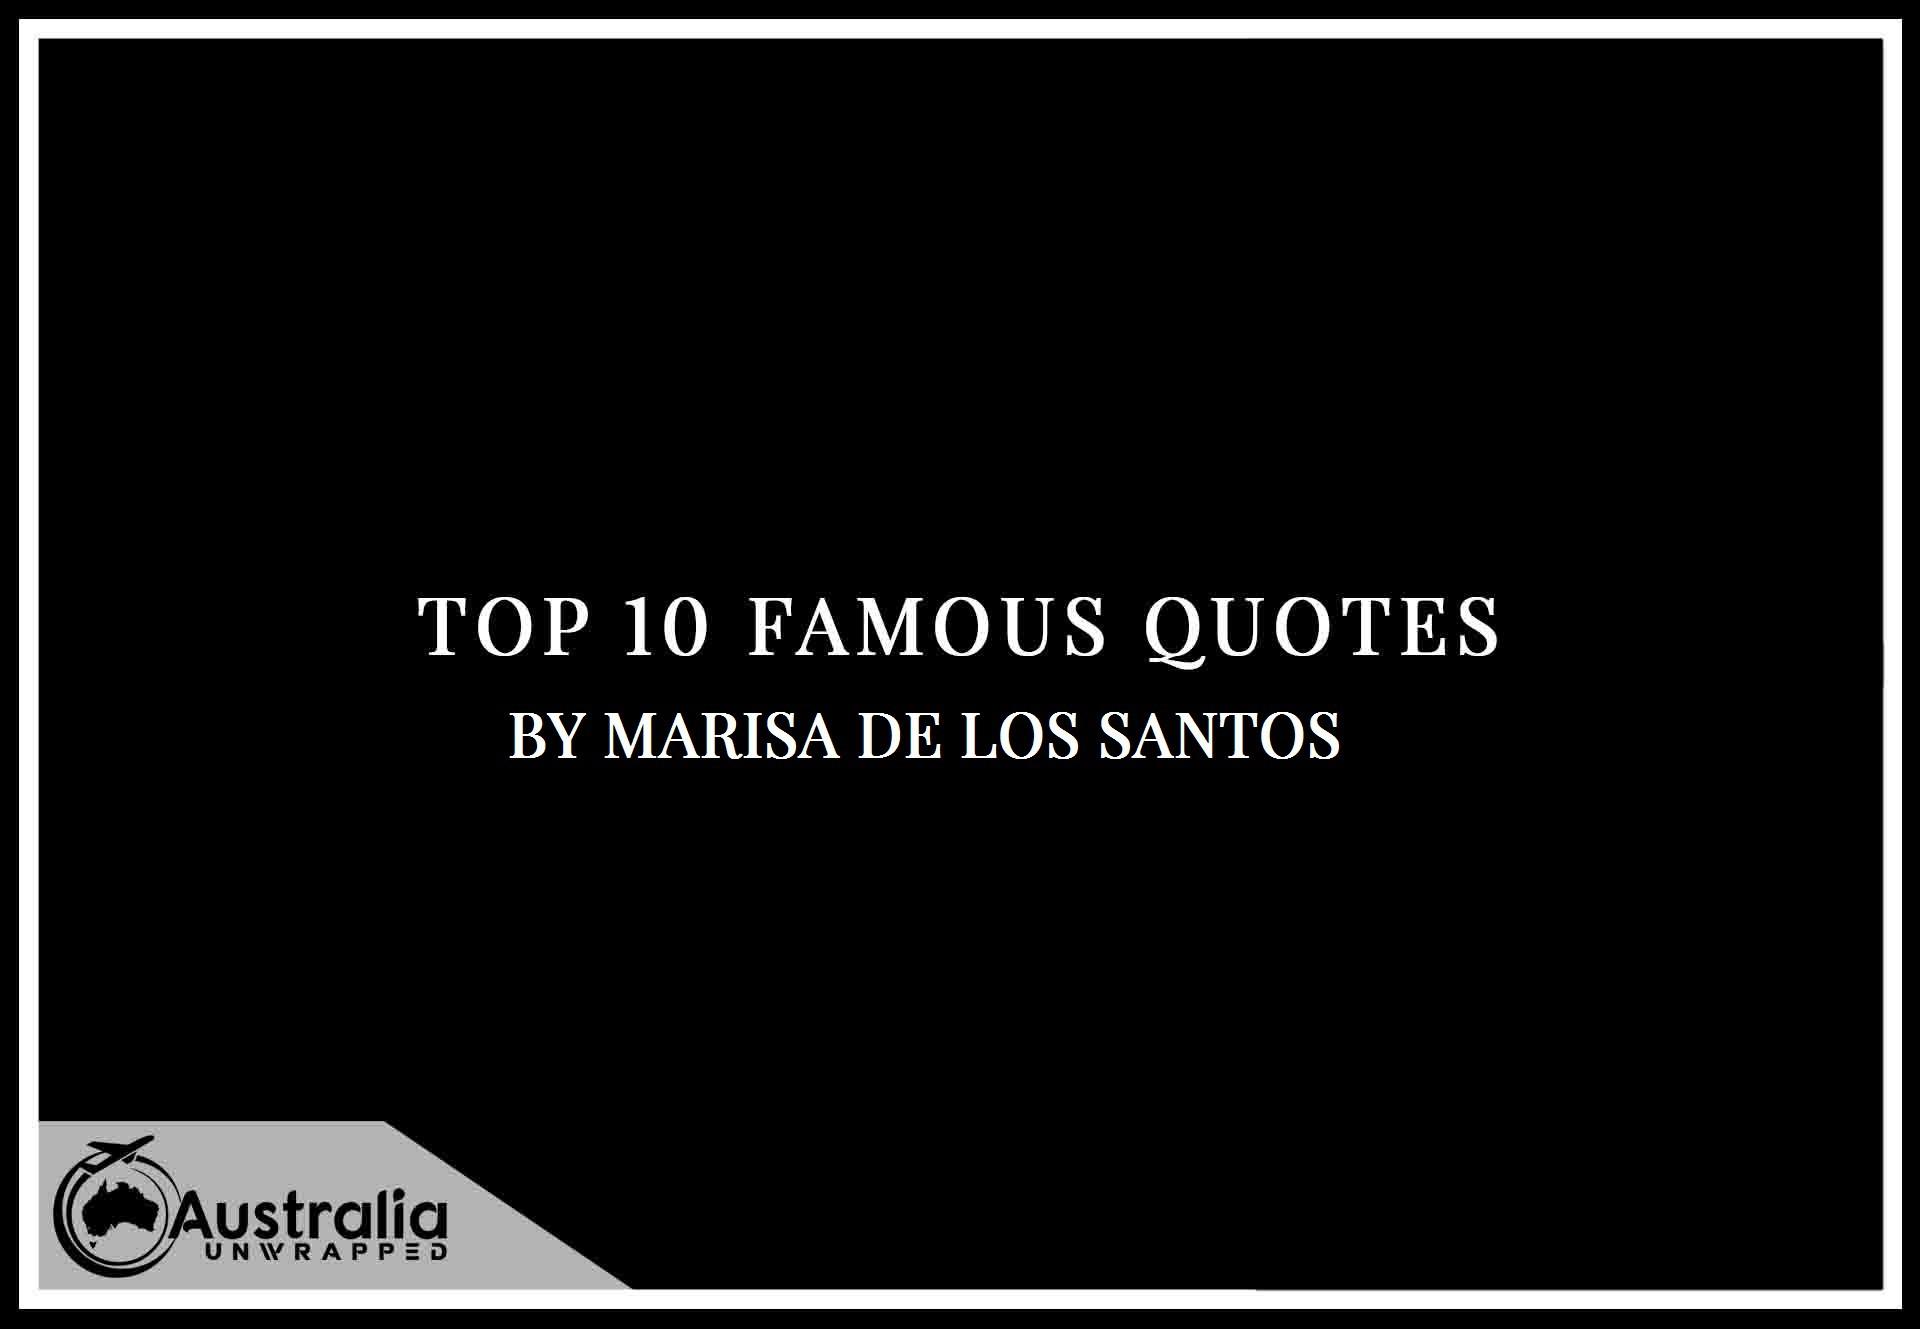 Marisa de los Santos's Top 10 Popular and Famous Quotes